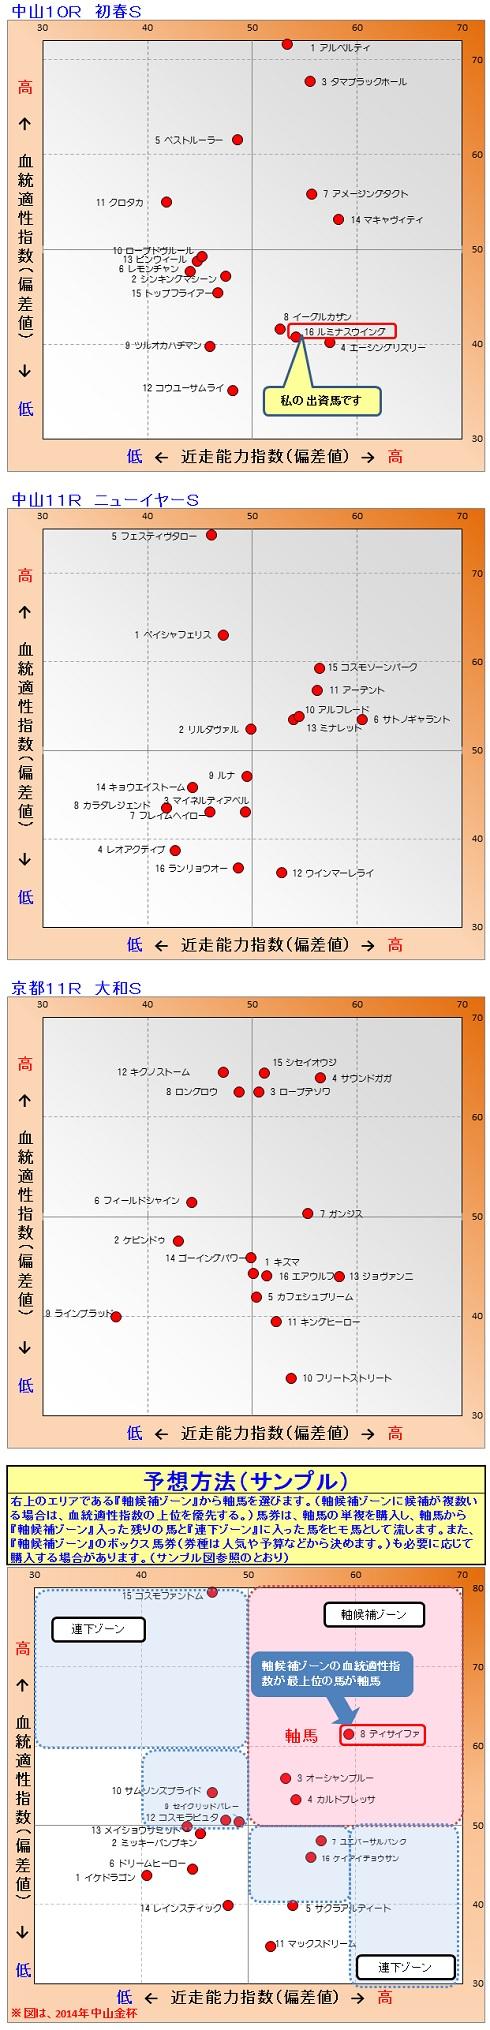 2015-01-17予想